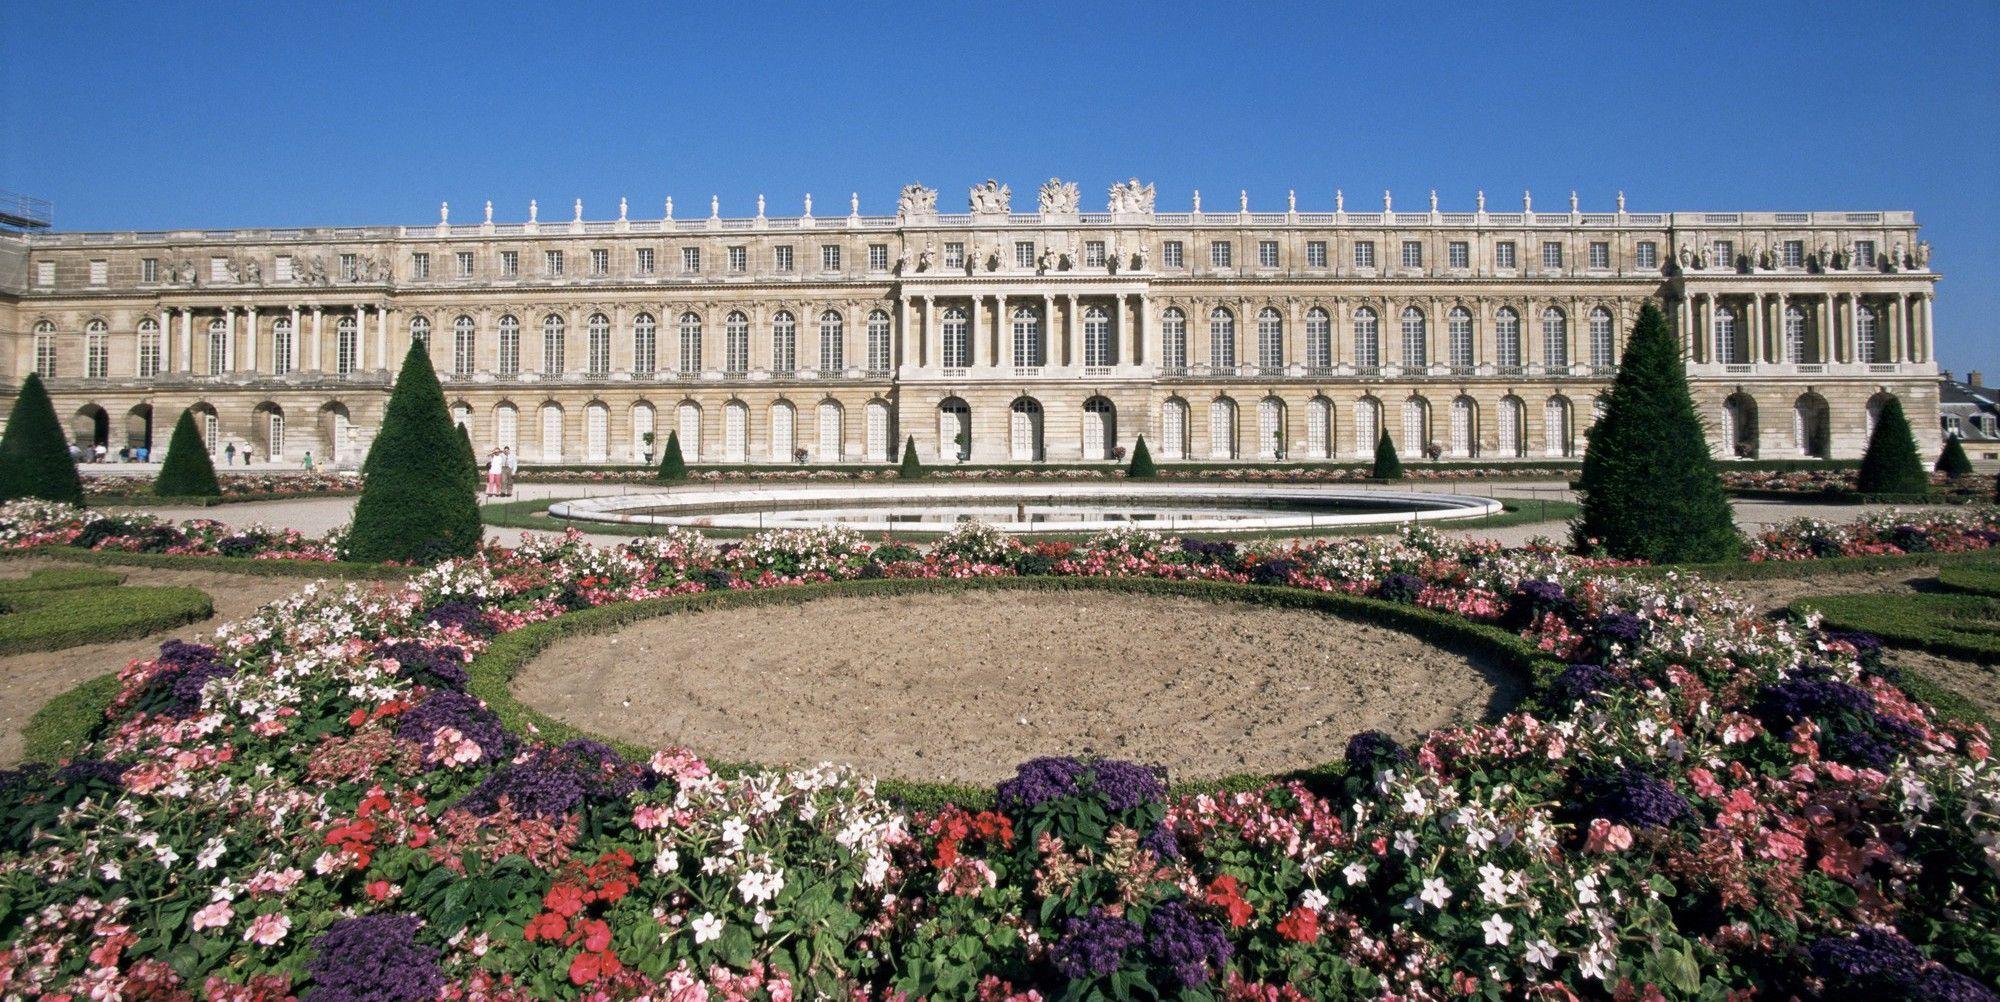 Ch teau de versailles galerie des glaces mansard et le vaux pour les ailes arts du 17e - Photo chateau de versailles ...